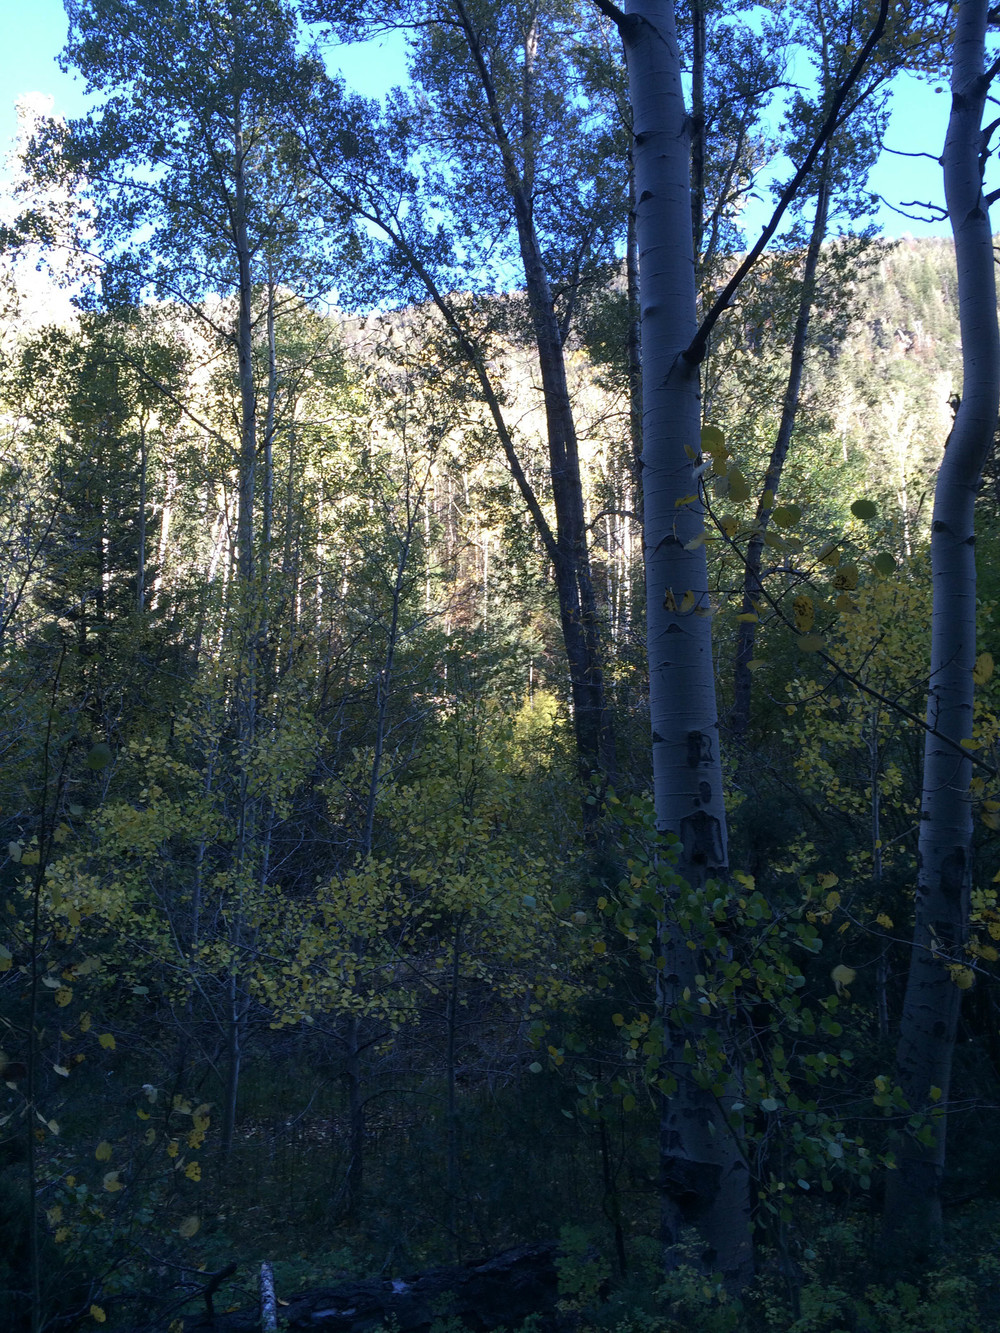 10-2-14 n.crestone trail 1-17-9.jpg